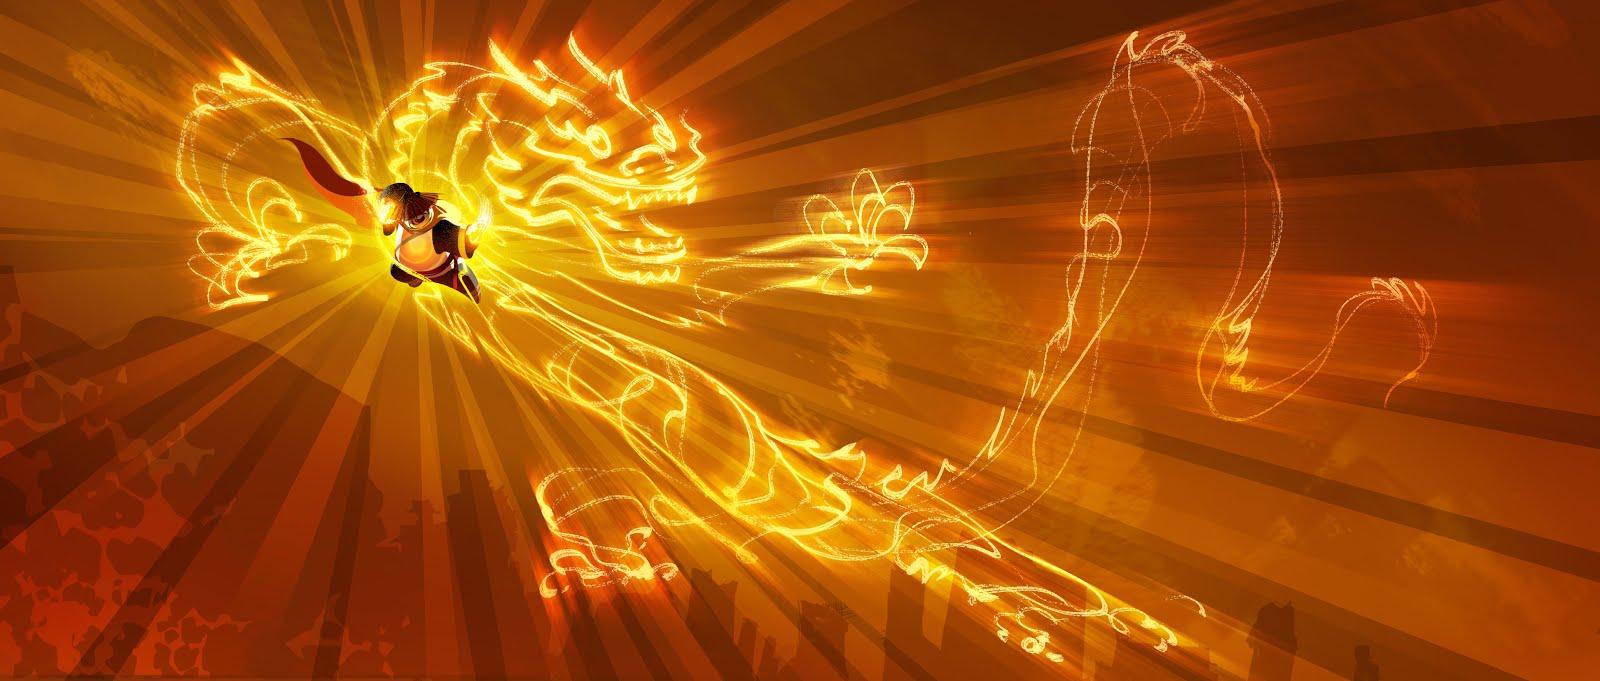 Spirit-realm-visdev17.jpg